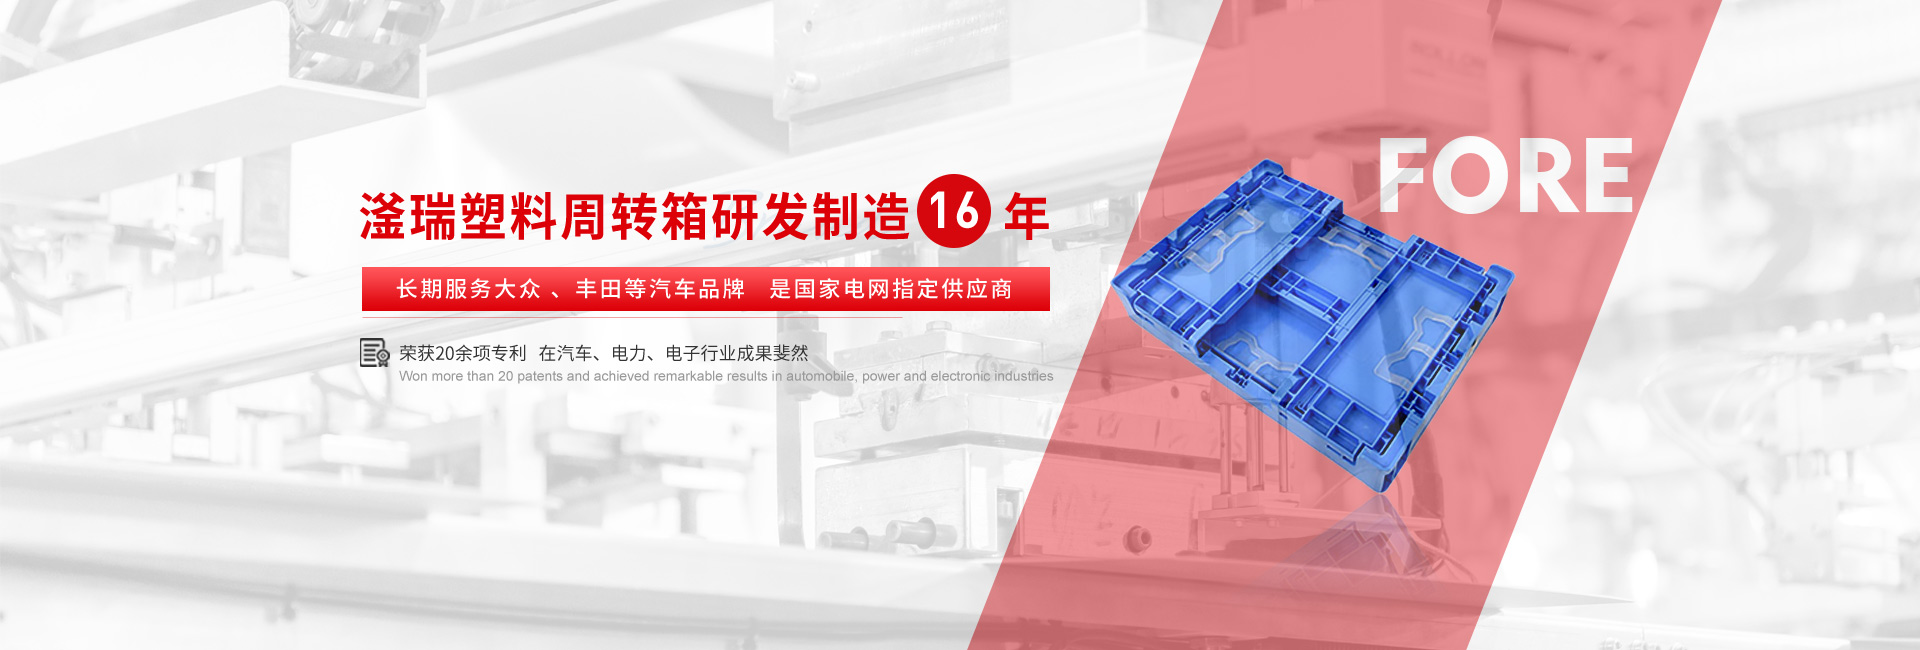 滏瑞-专注塑料周转箱研发制造16年 长期服务大众 、丰田等汽车品牌   是国家电网制定供应商